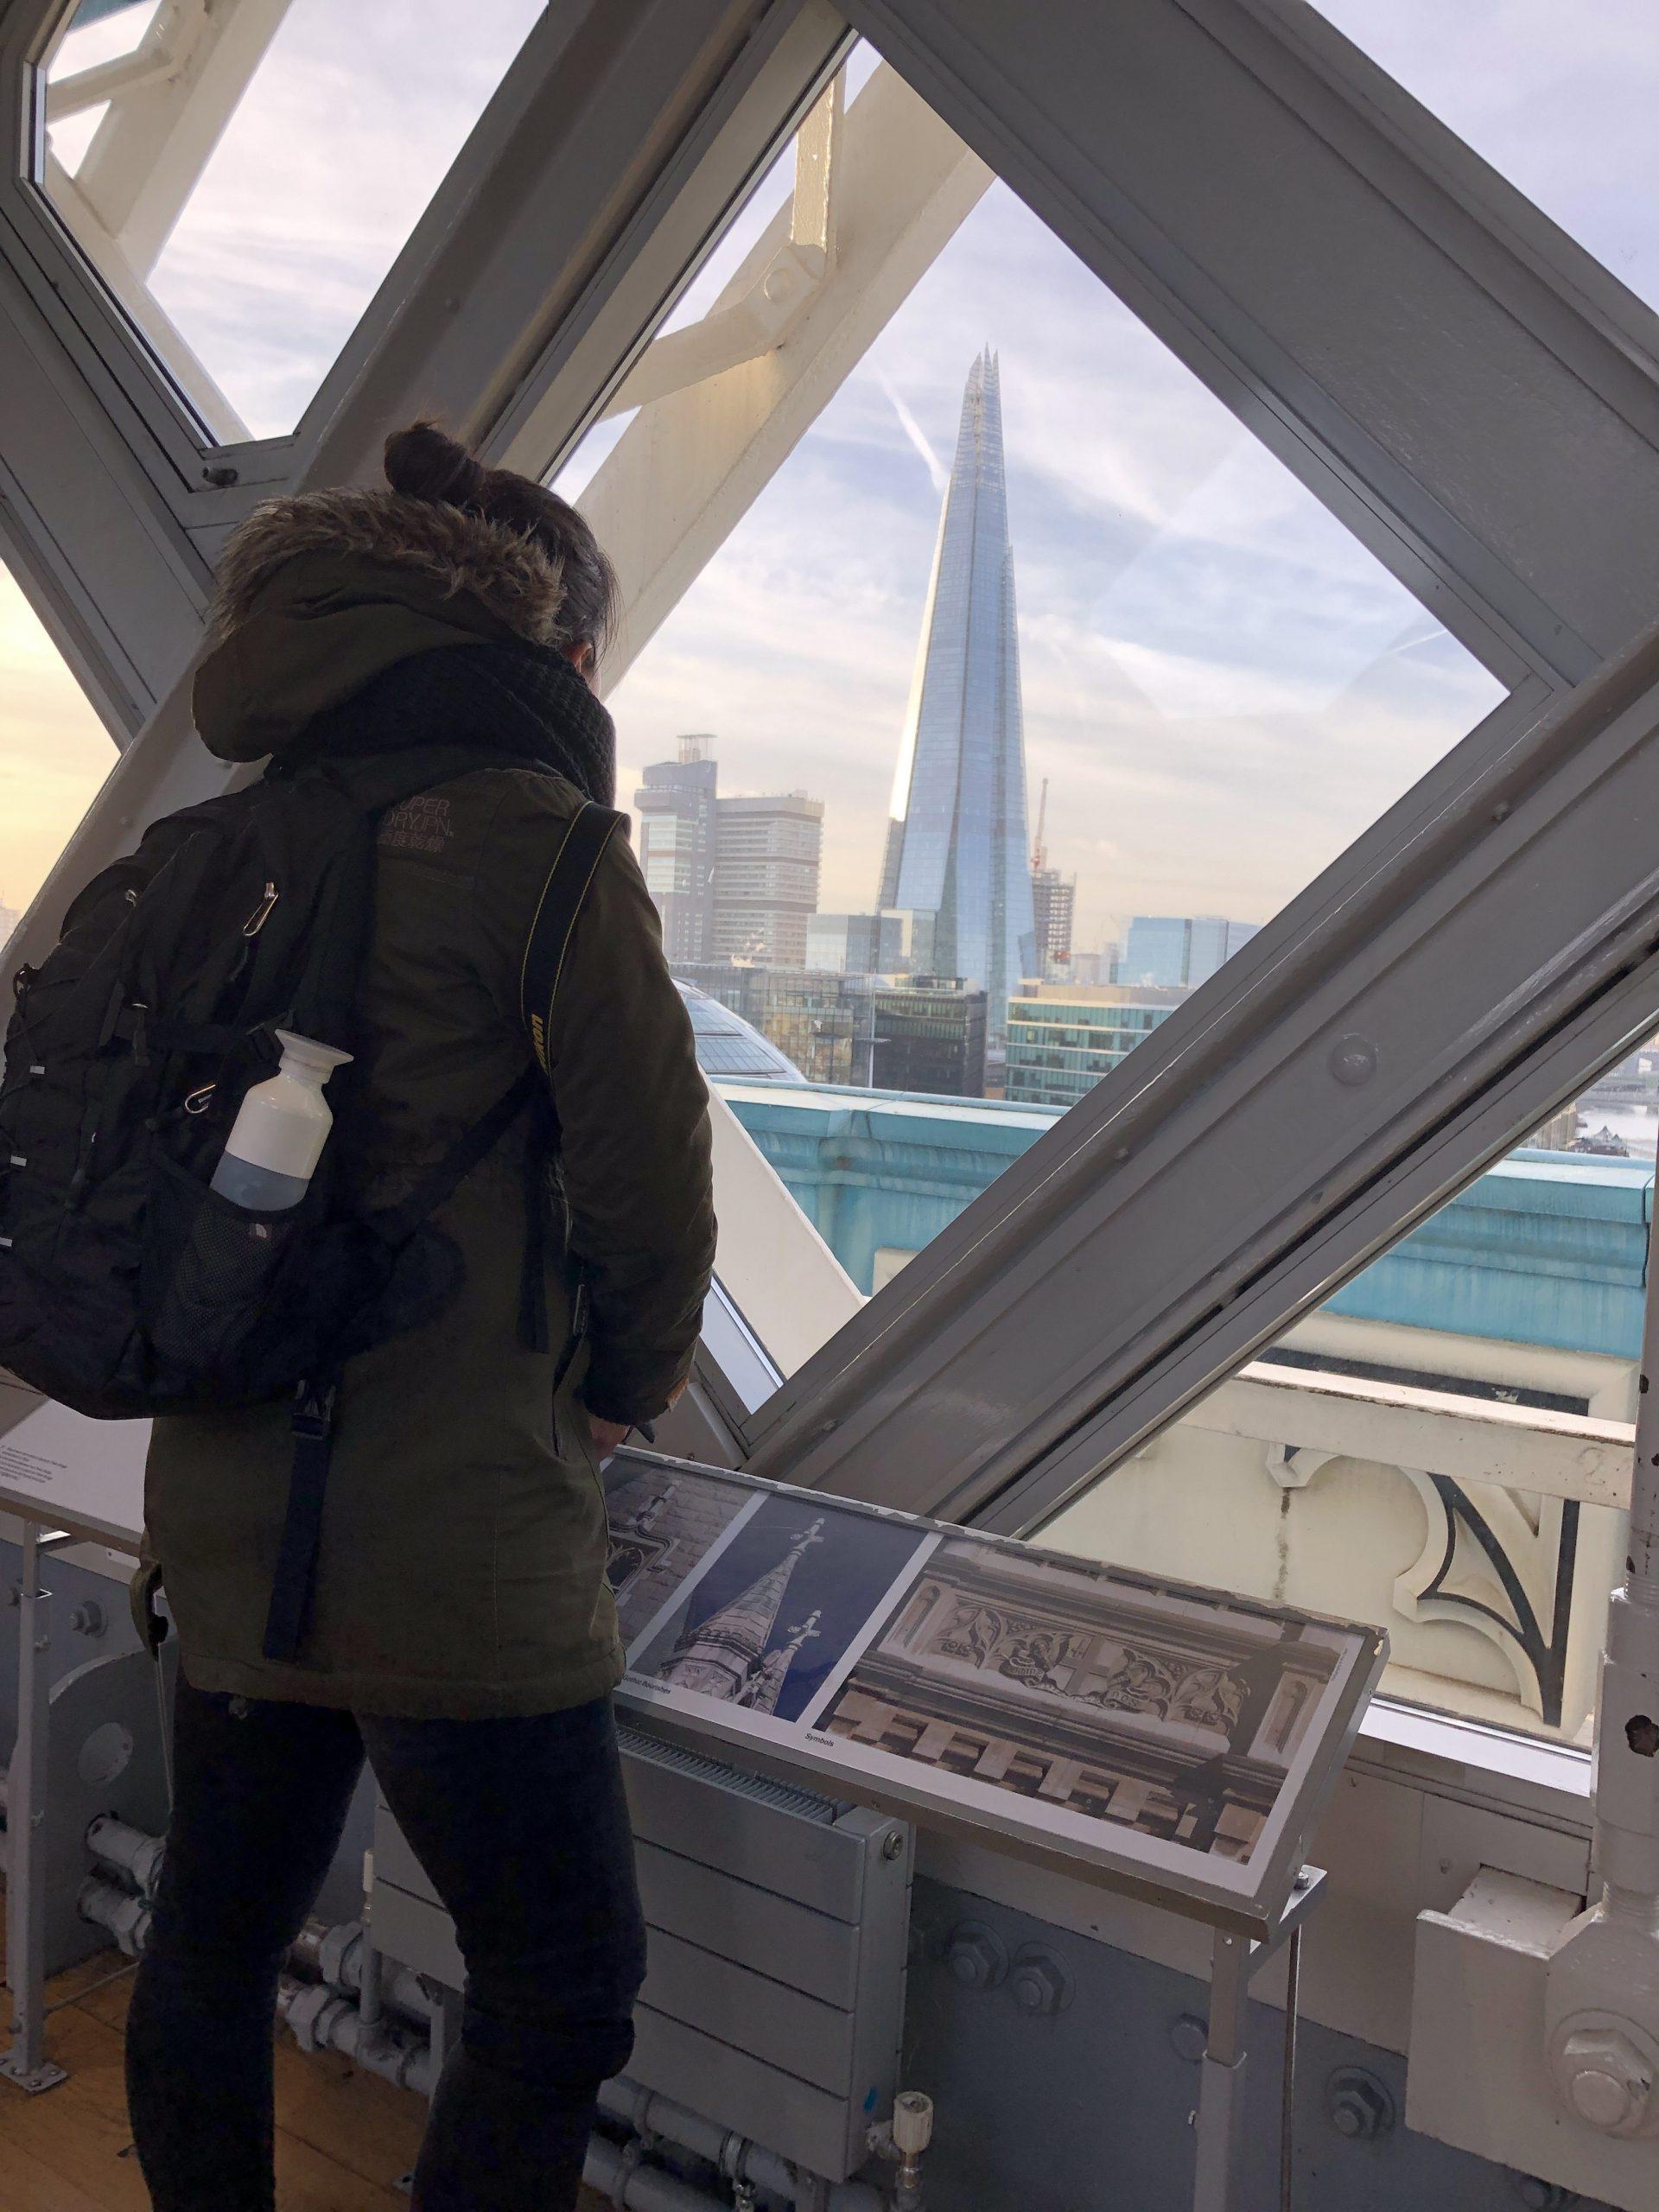 Over 2019 reisplannen, voornemens & reizen met een thema